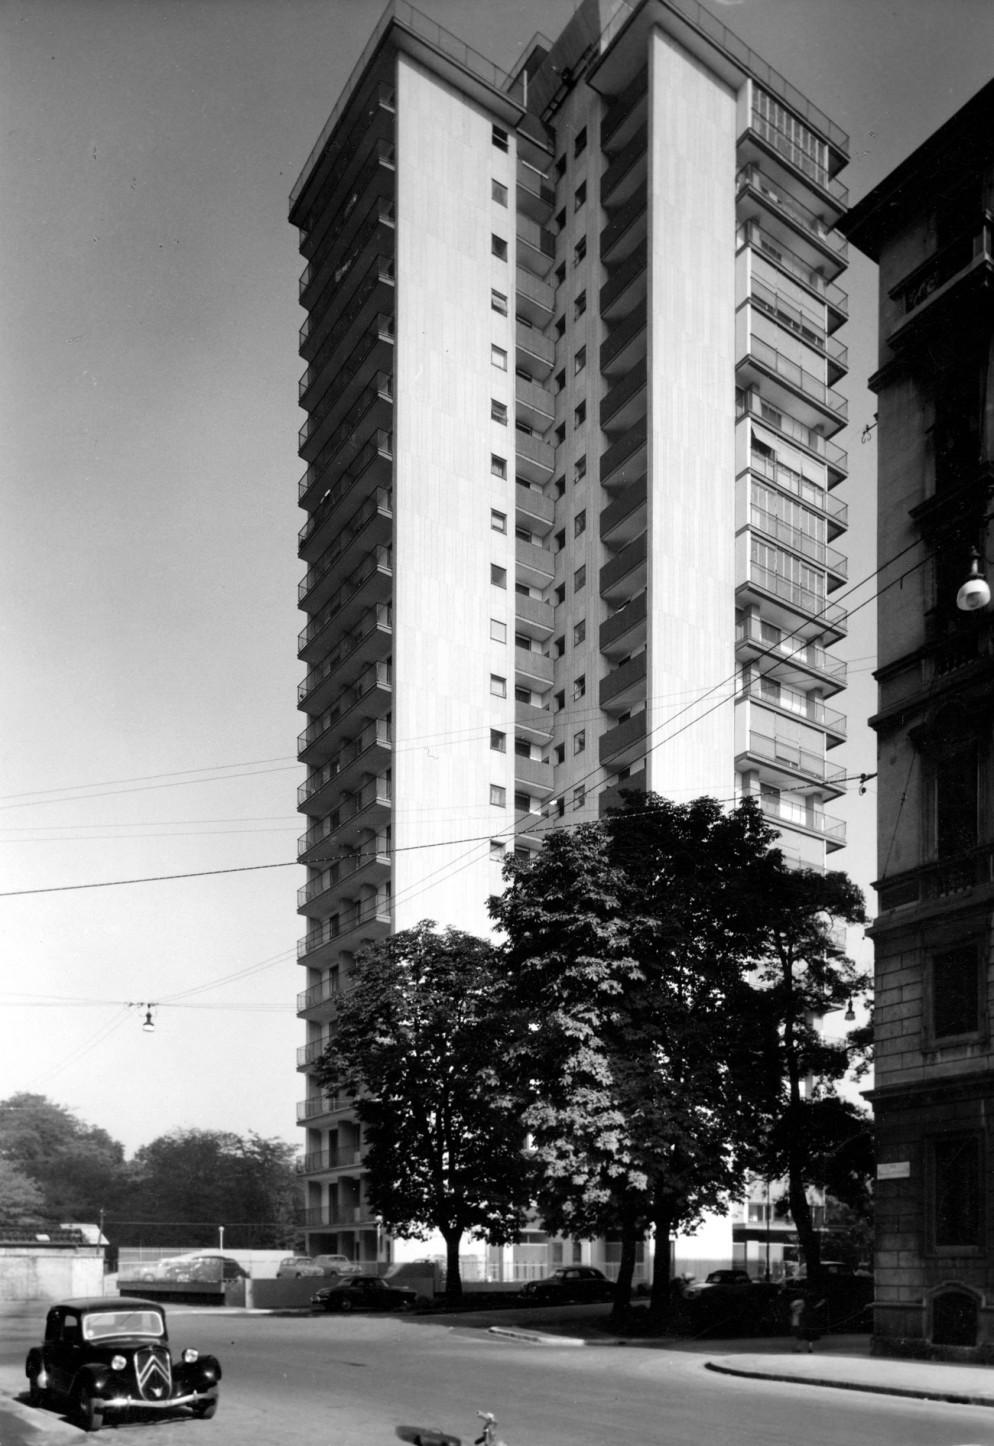 magistretti-architetto-Torre-al-Parco-02_PH-Sconosciuto